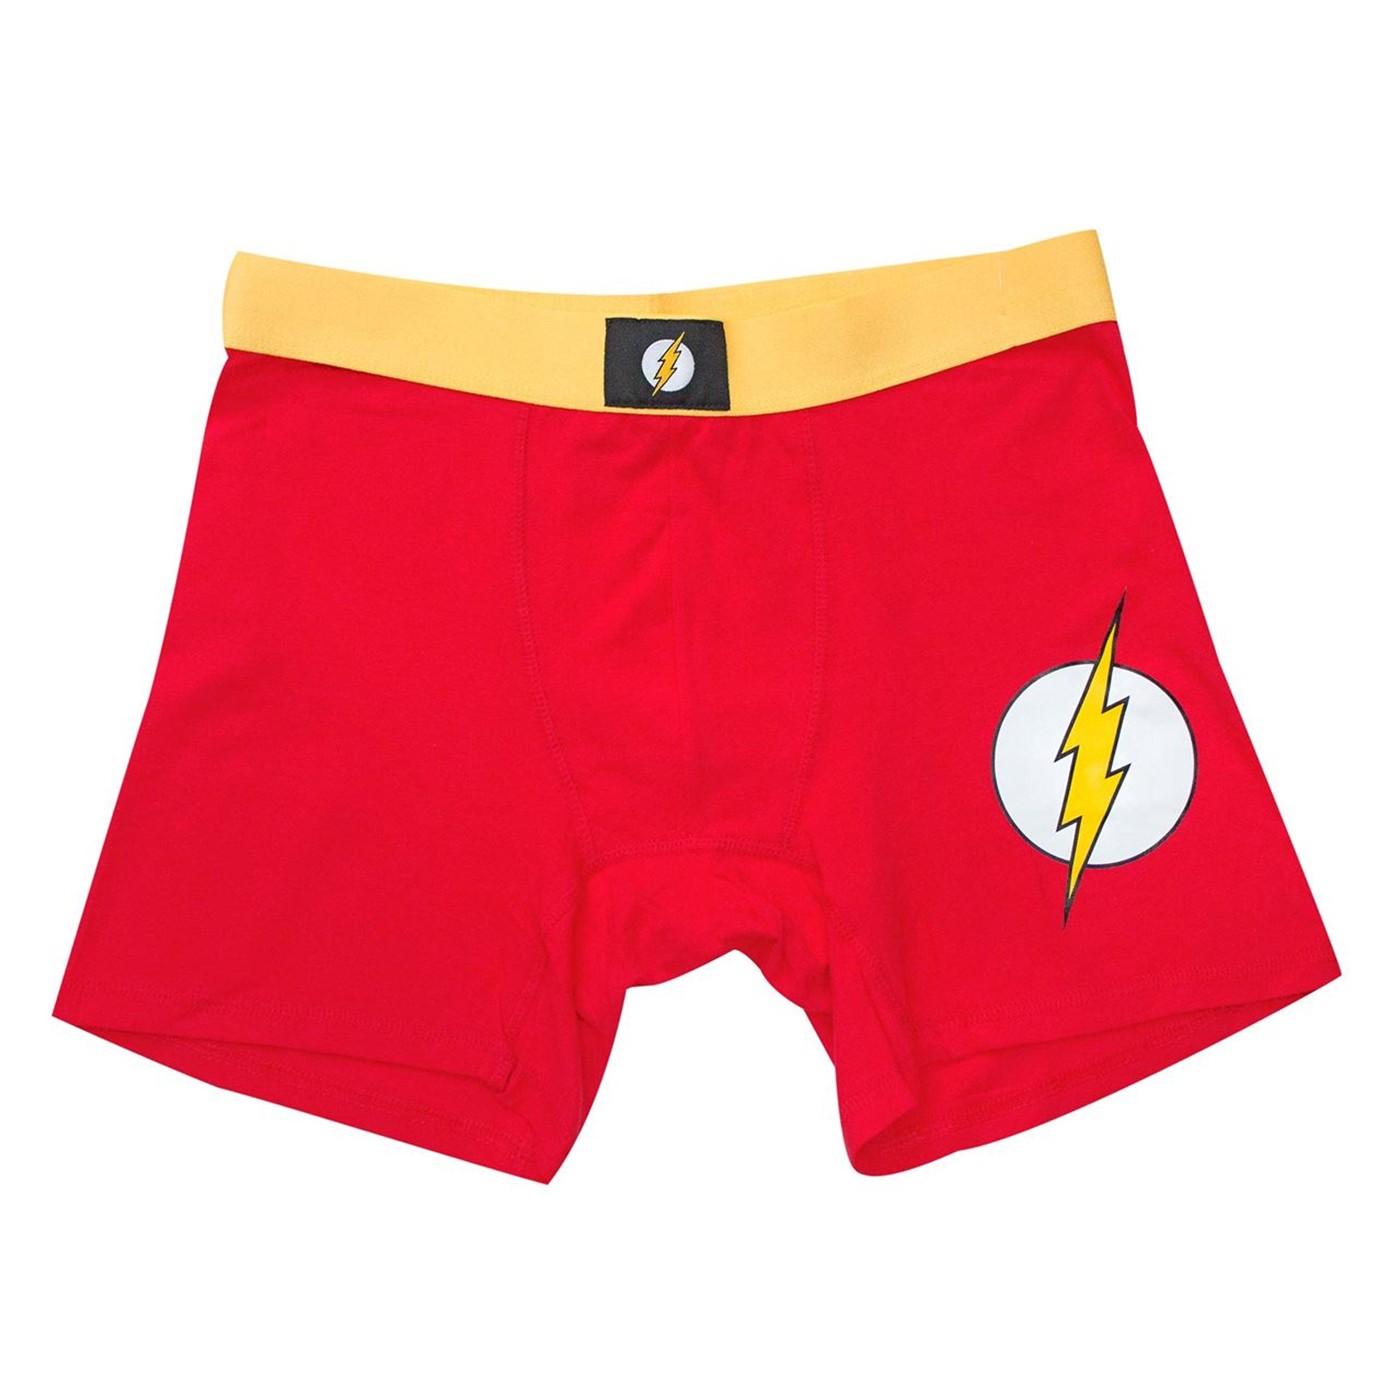 Flash Classic Men's Underwear Boxer Briefs